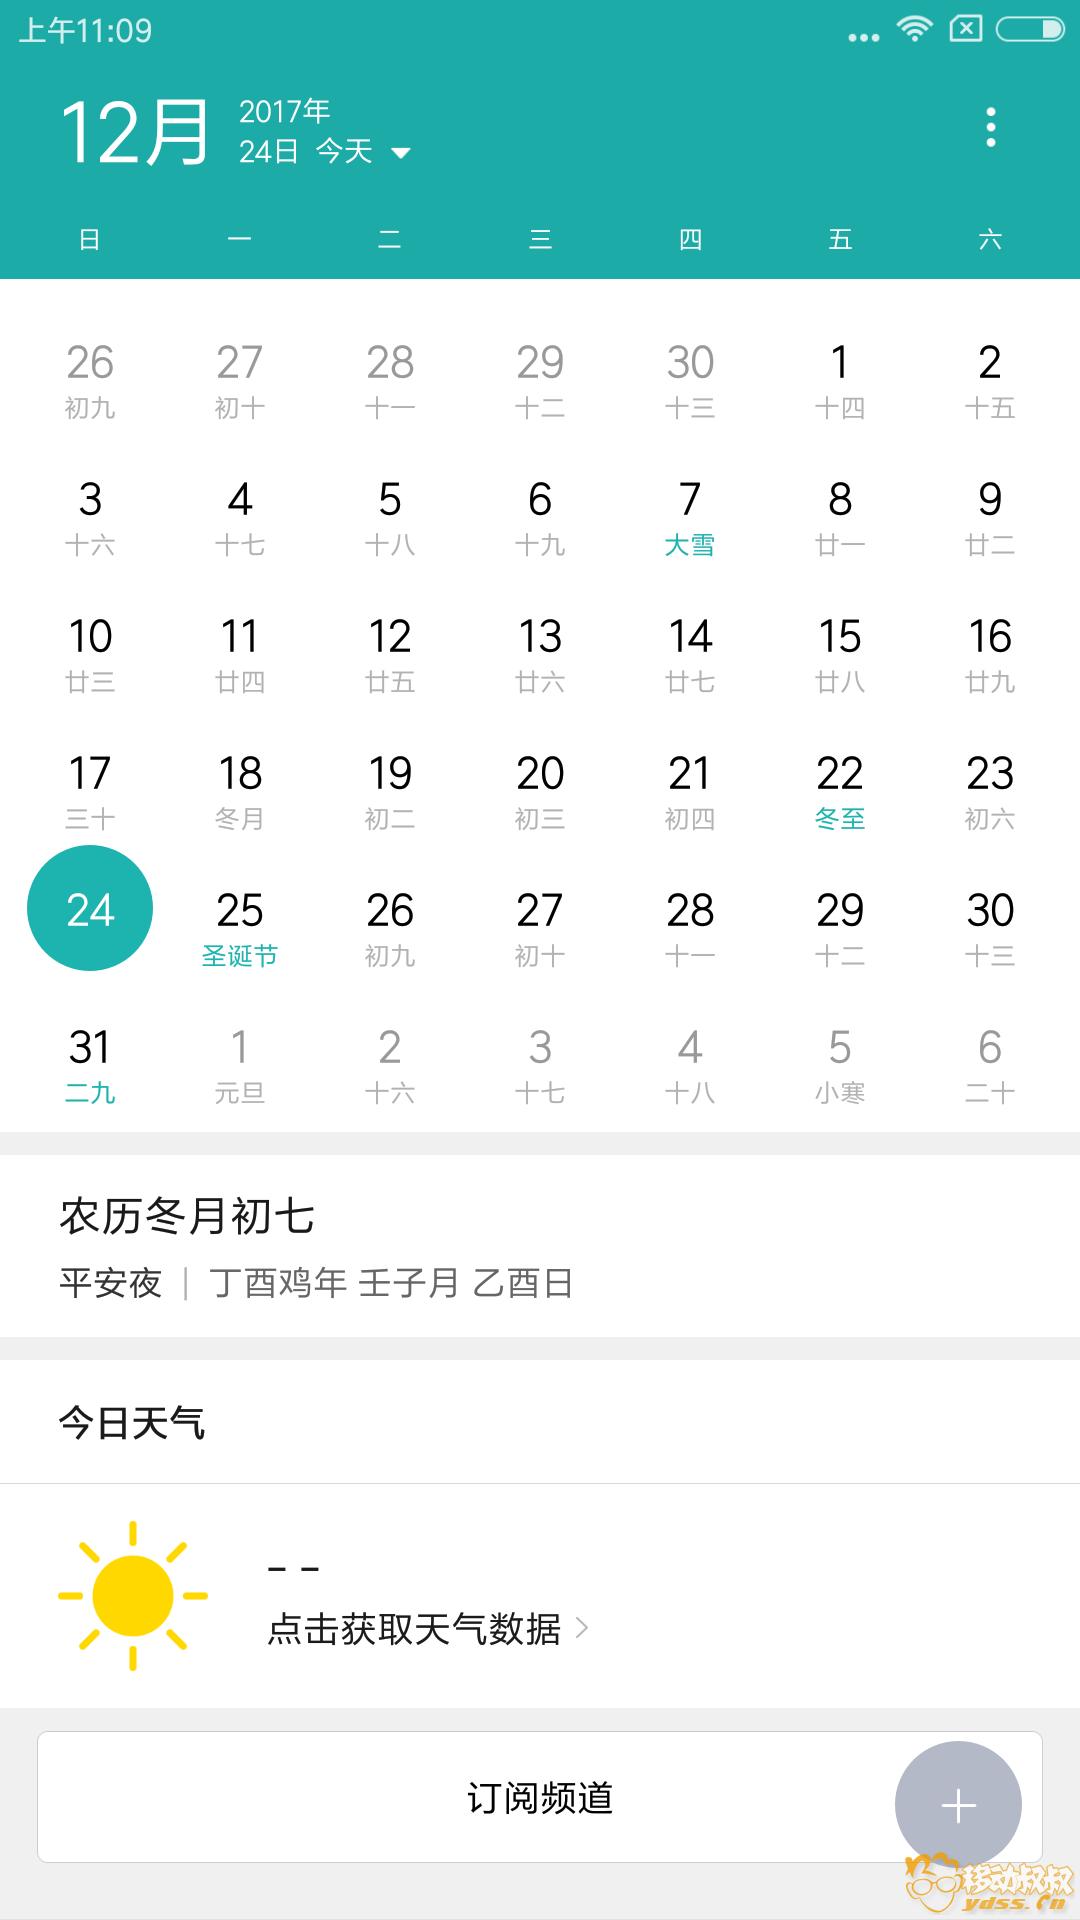 Screenshot_2017-12-24-11-09-07-224_com.android.ca.png